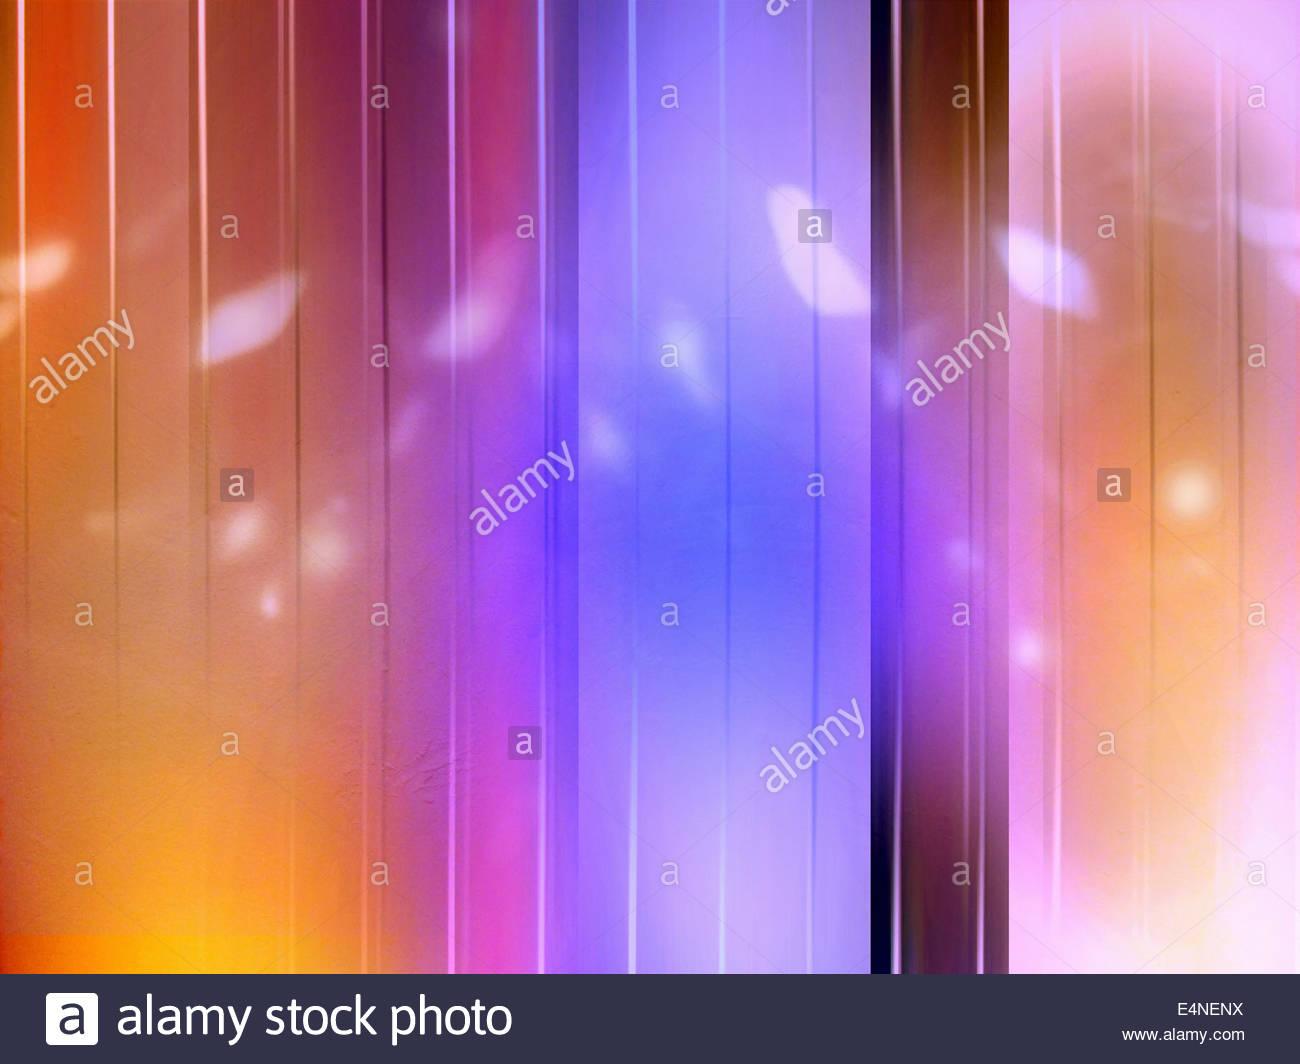 Résumé fond rayé orange et violet tendance Photo Stock